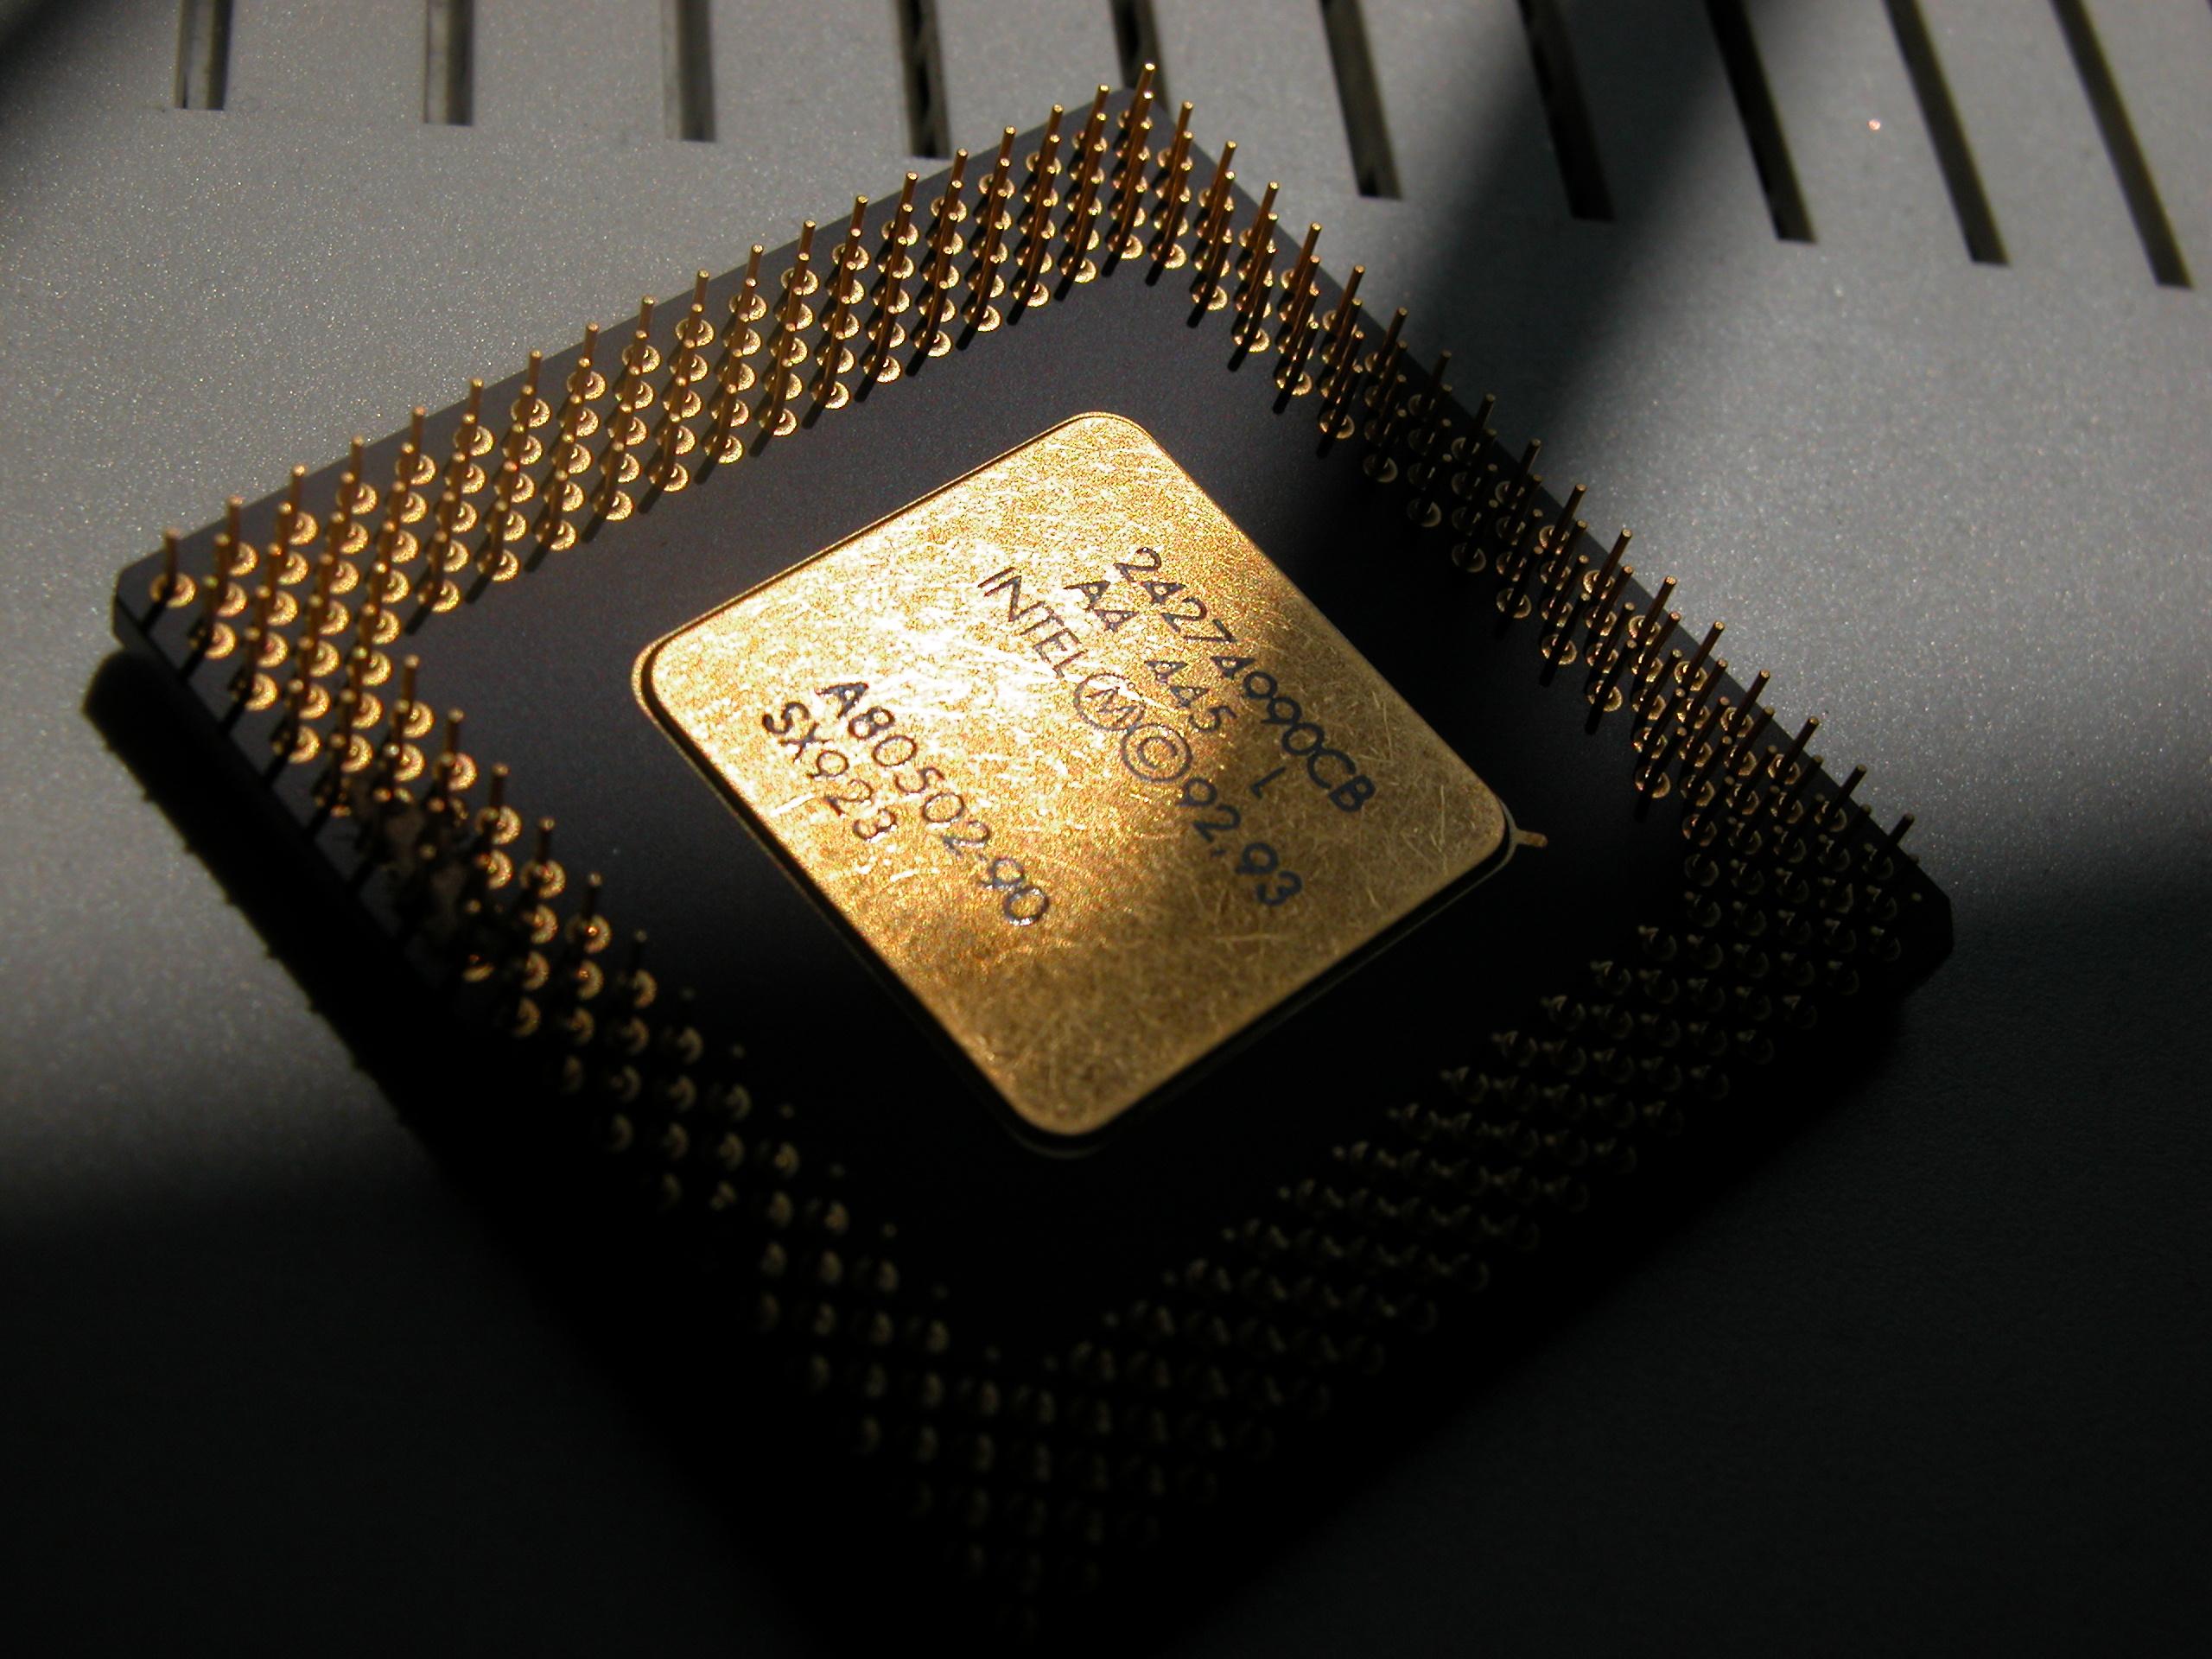 pentium I 1 one processor chip